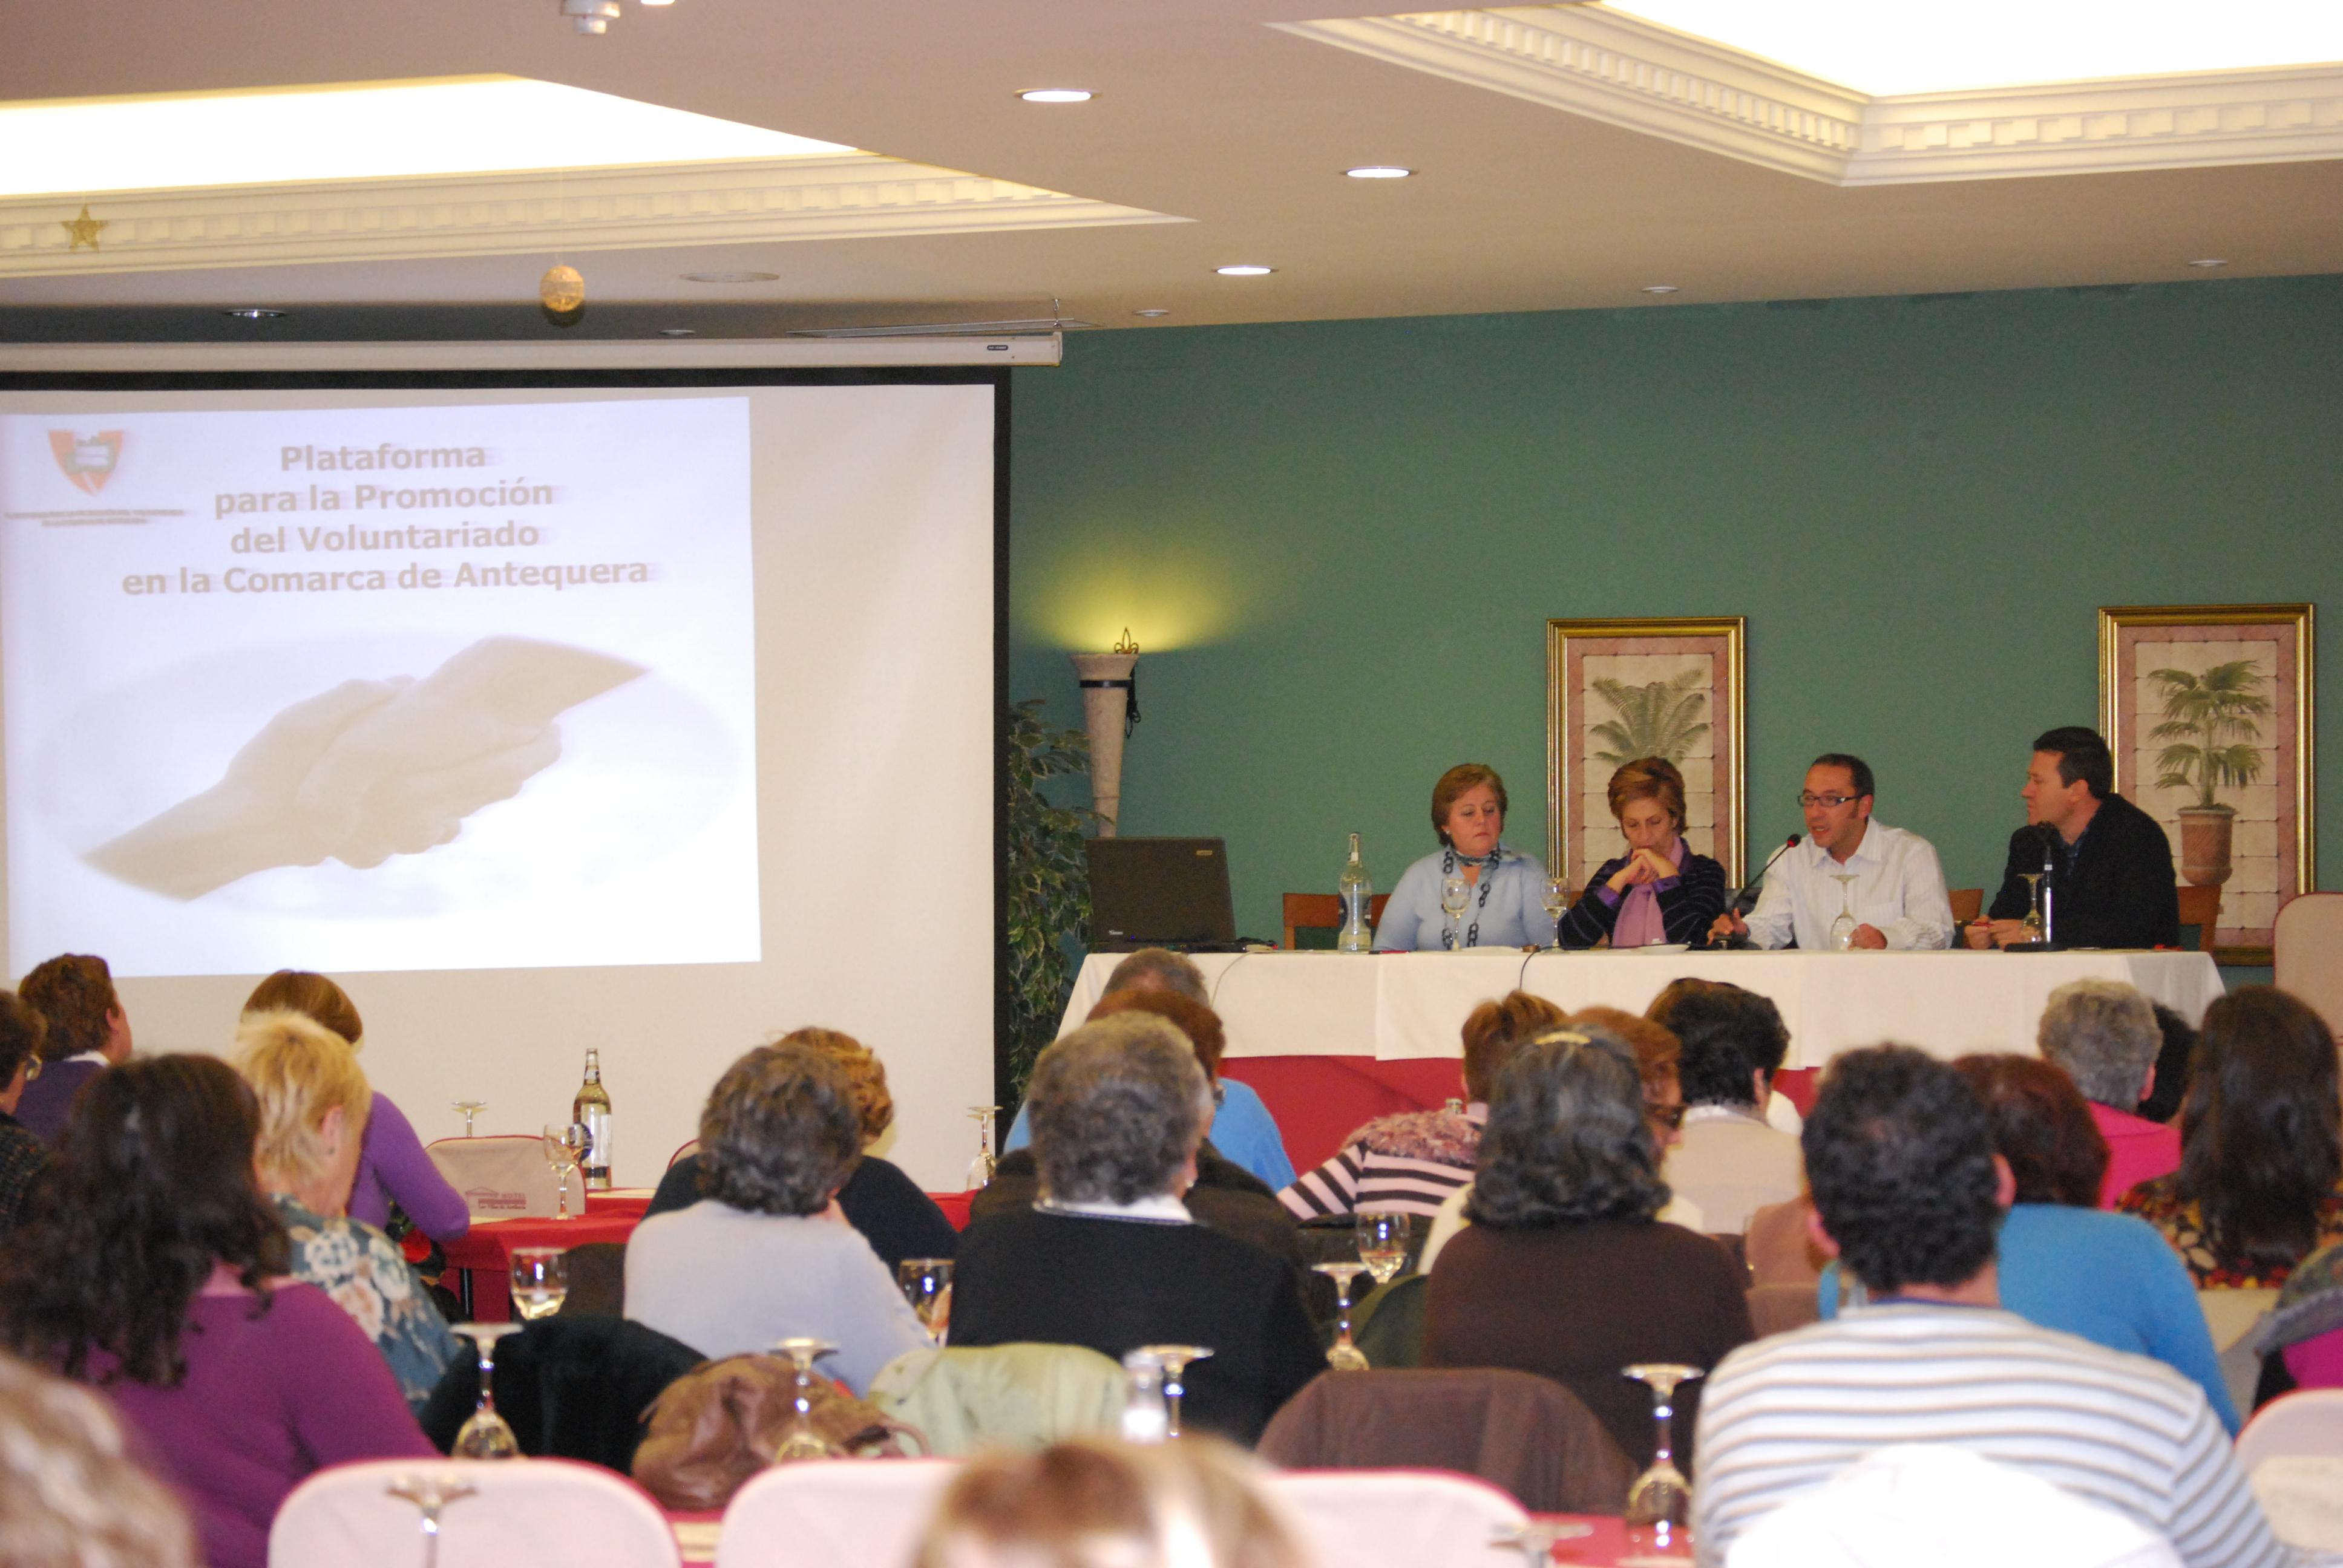 Presentación de AMELGAR en las II Jornadas de Voluntariado.